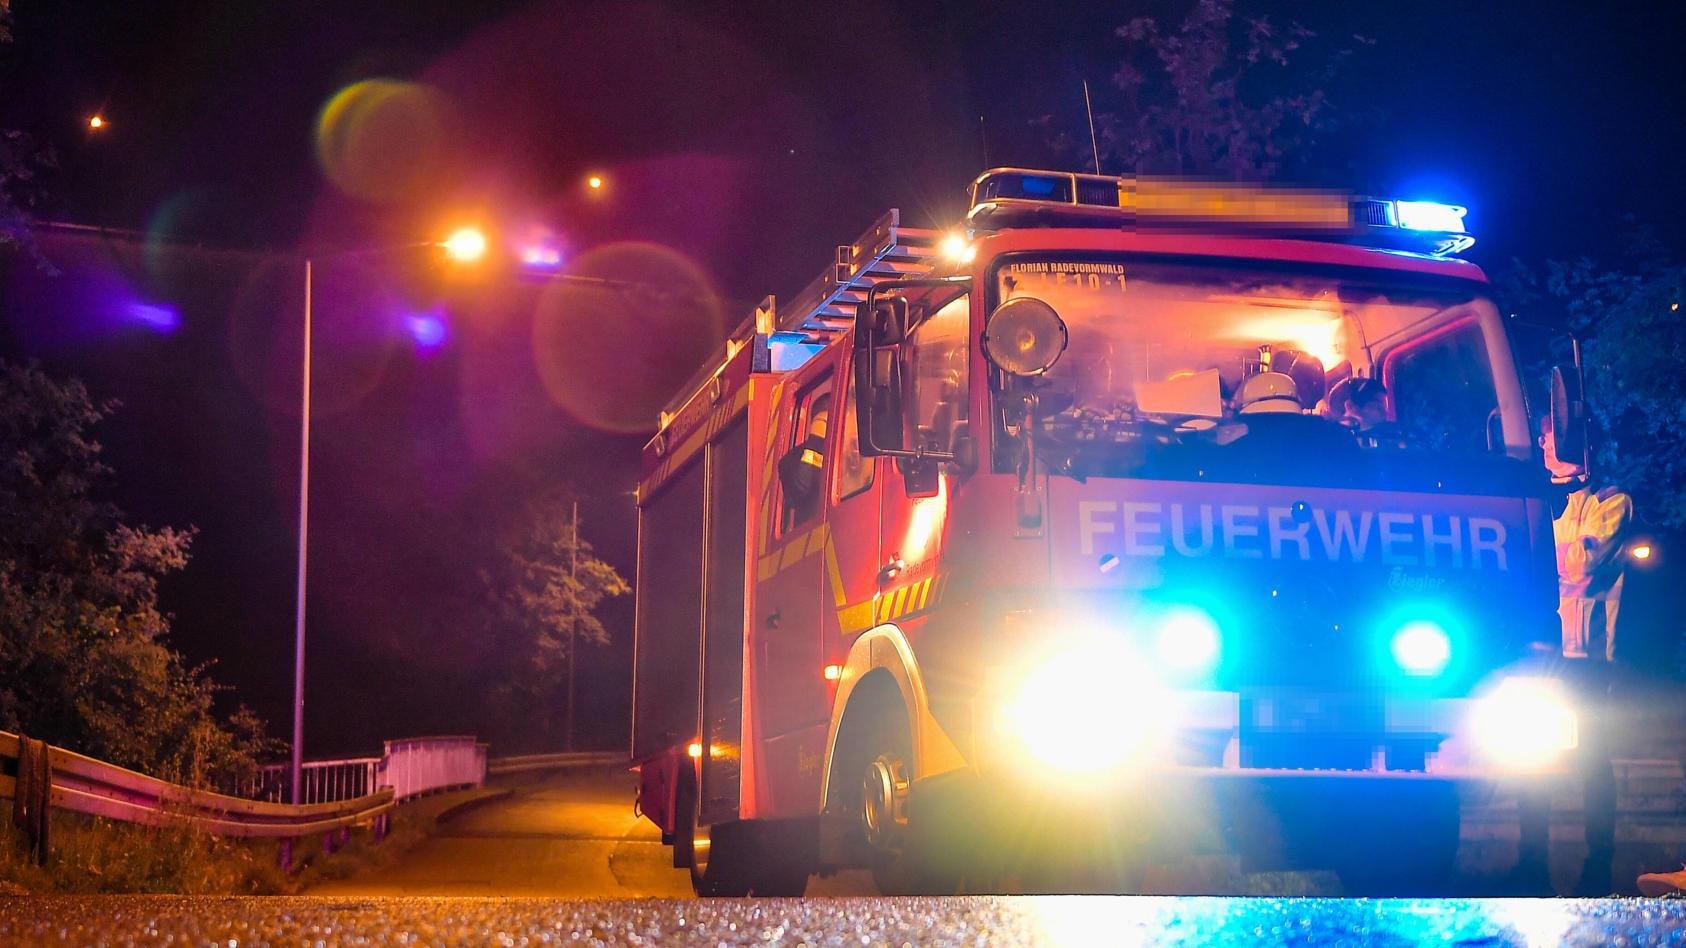 Die Feuerwehr Frankfurt musste heute Nacht einen brennenden Lkw löschen. (Symbolbil)